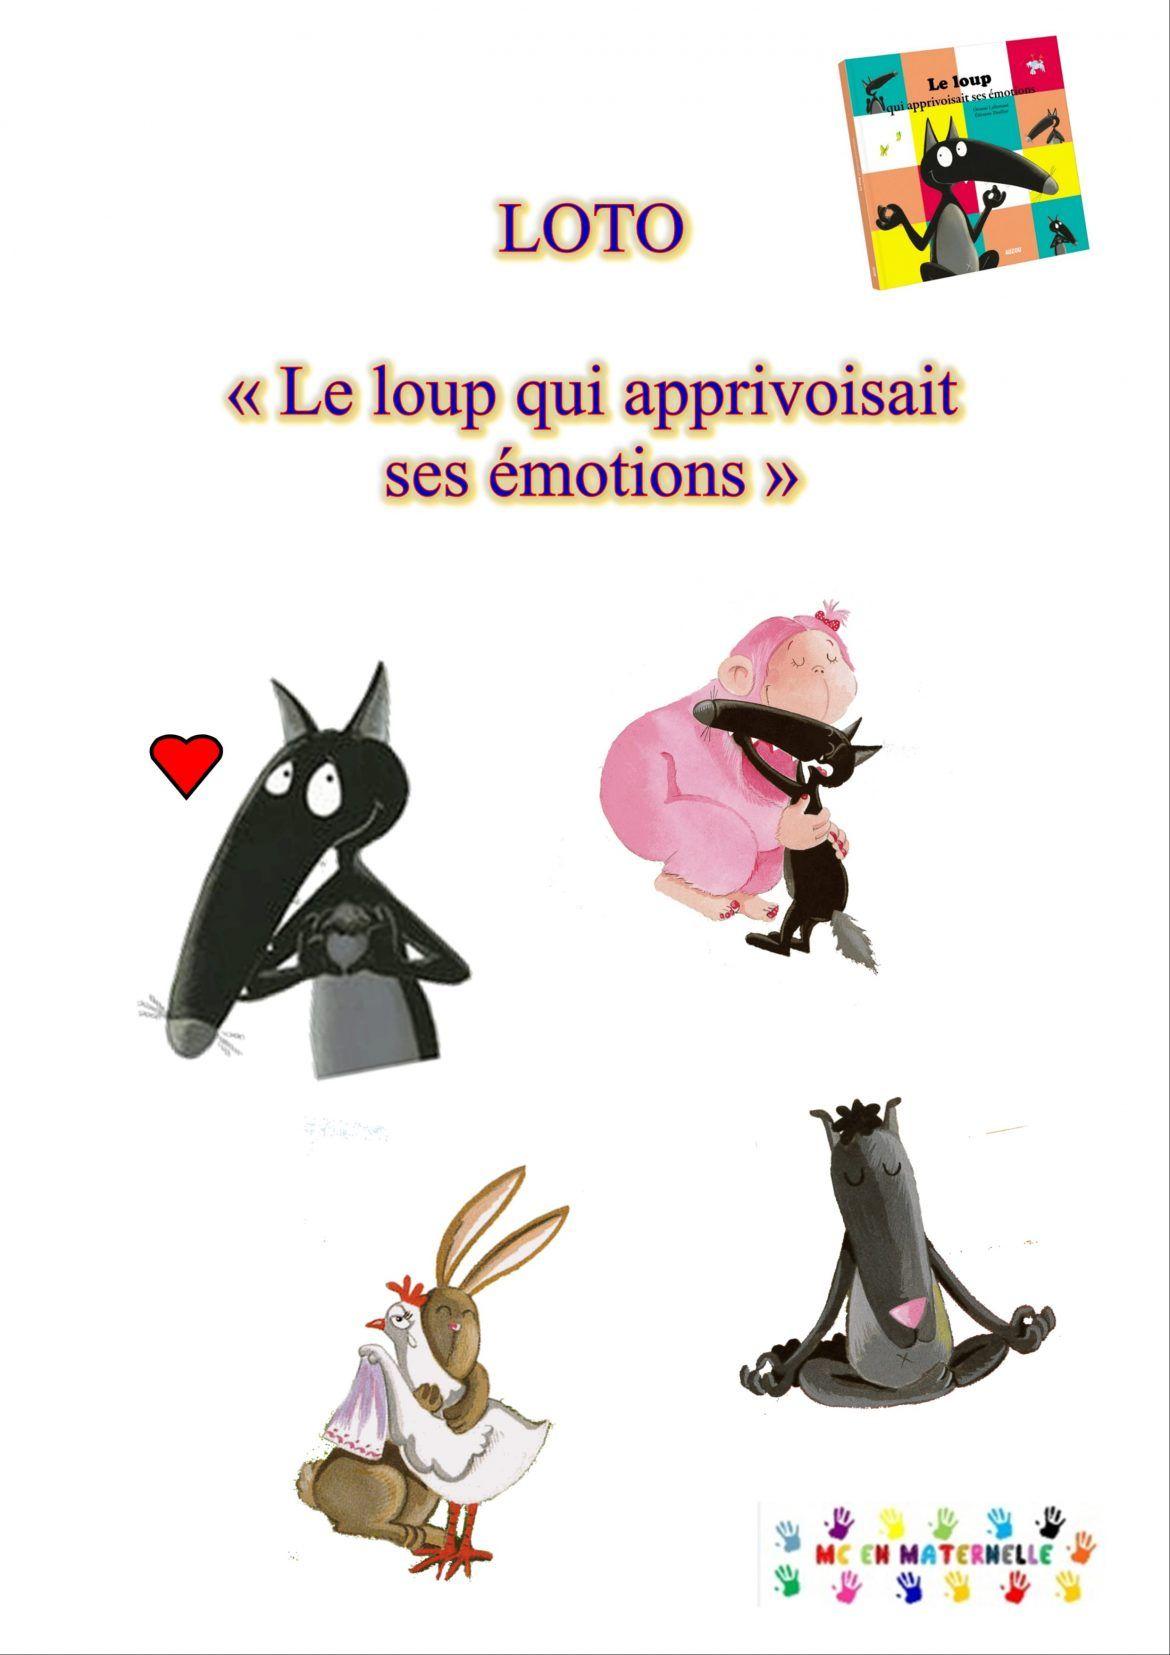 Le Loup Qui Apprivoisait Ses Emotions : apprivoisait, emotions, Apprivoisait, émotions, Planches, Émotions,, Loup,, Émotions, Maternelle